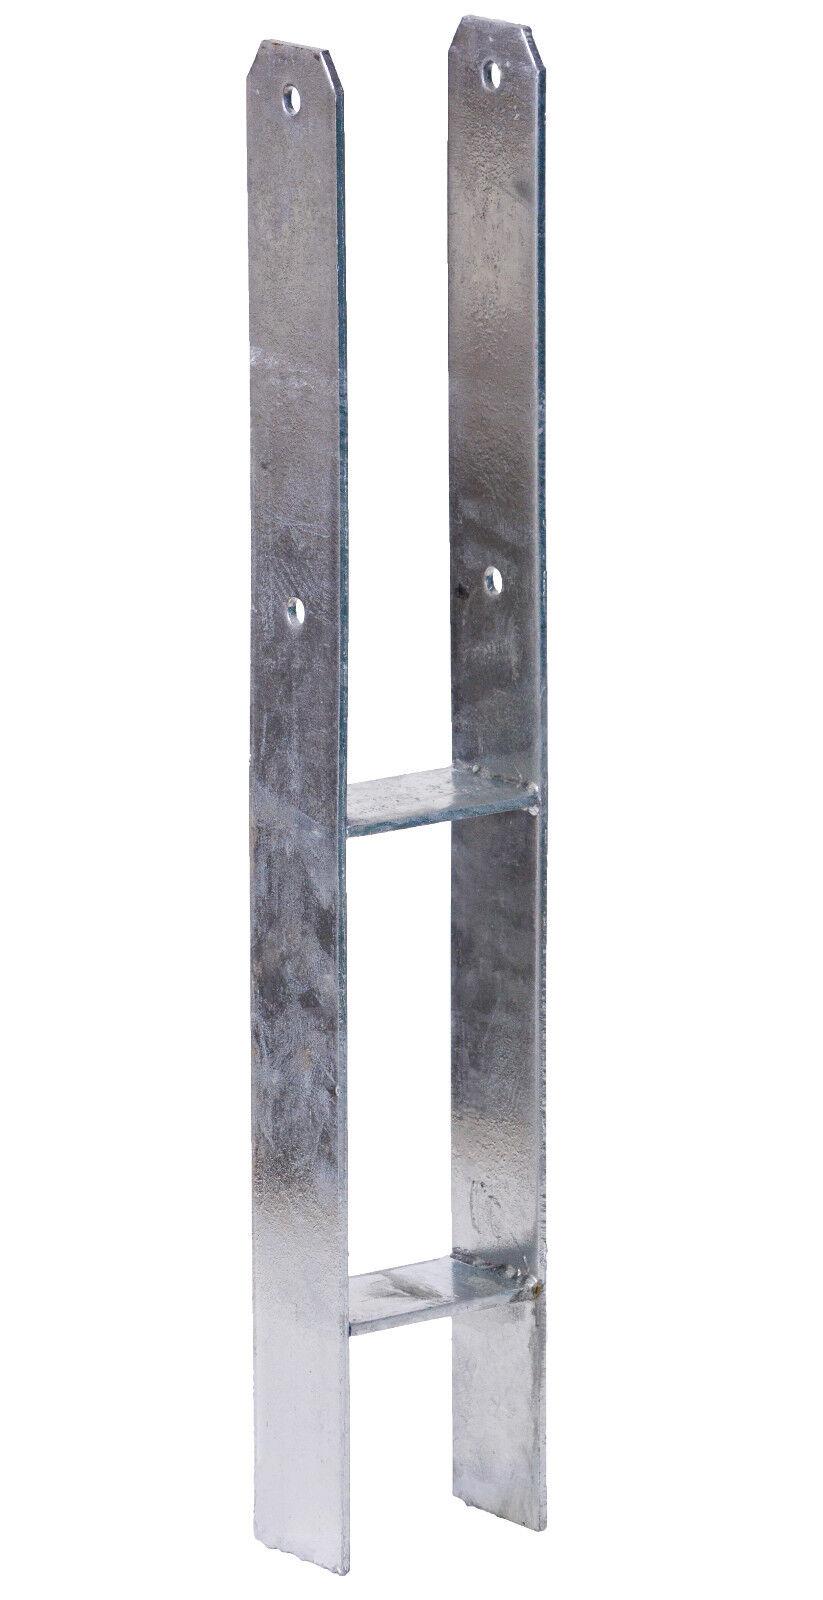 2 x H-Anker 5,5mm 101//600mm Pfostenträger Pfostenanker H-Träger Carport Zaun